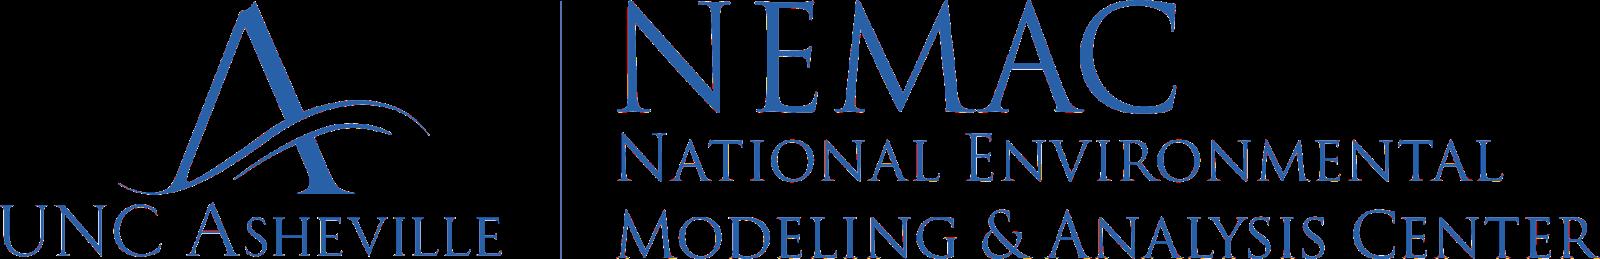 nemac_logo.png